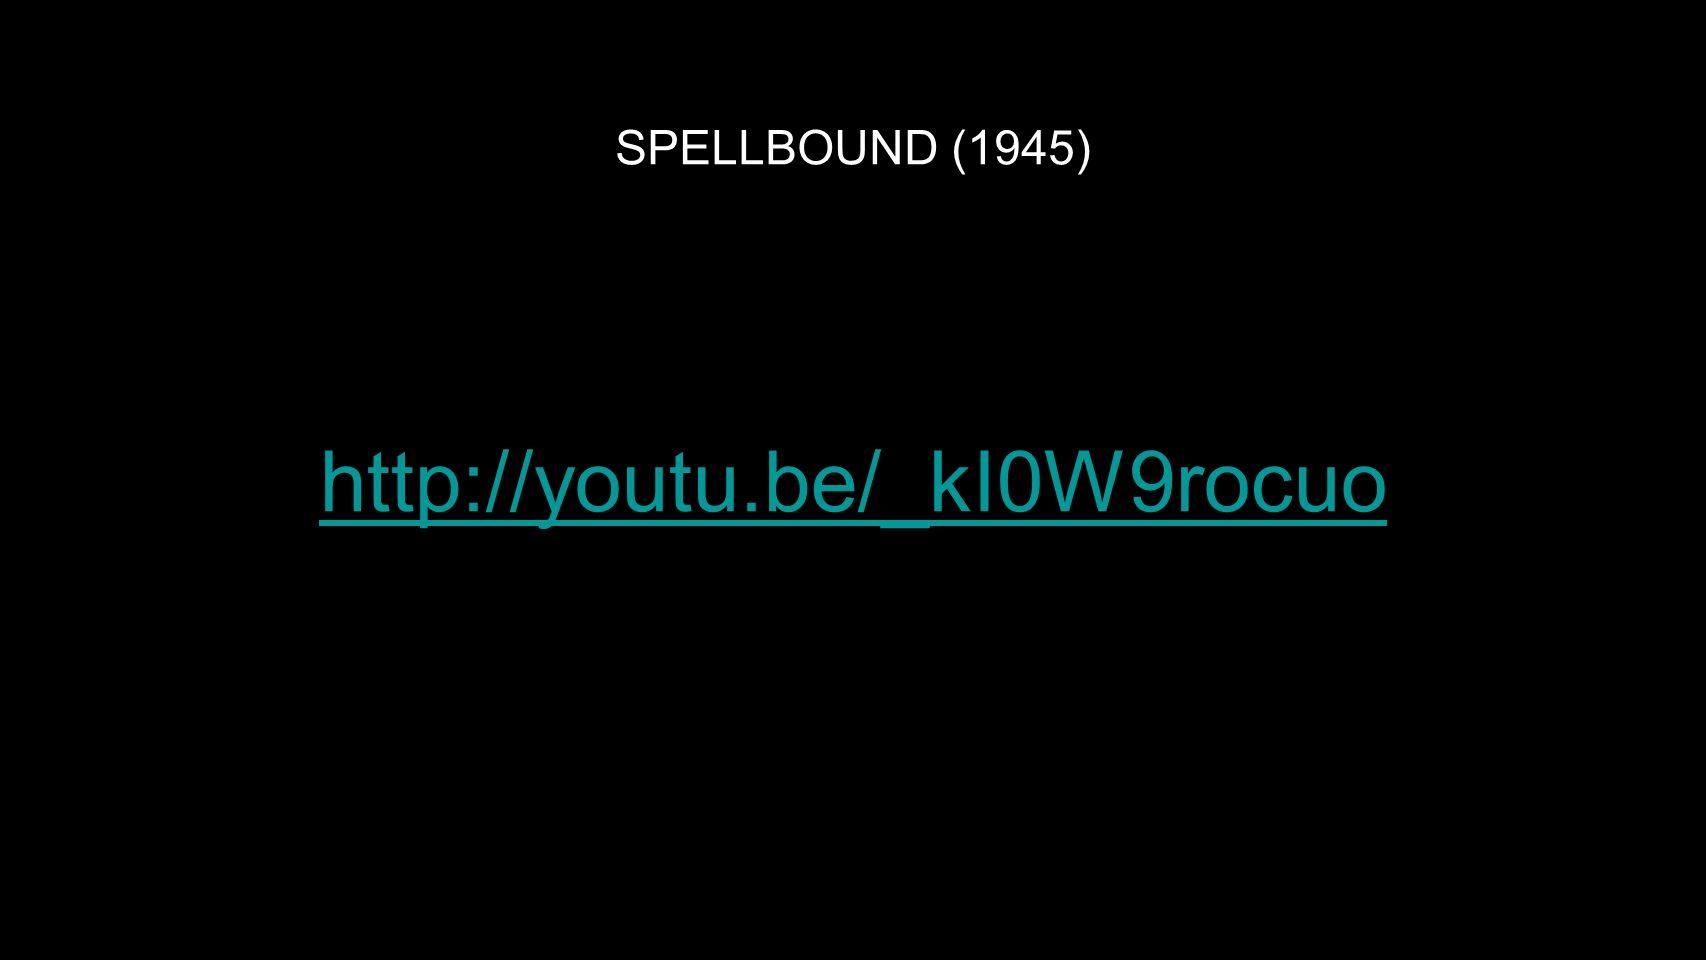 SPELLBOUND (1945) http://youtu.be/_kI0W9rocuo